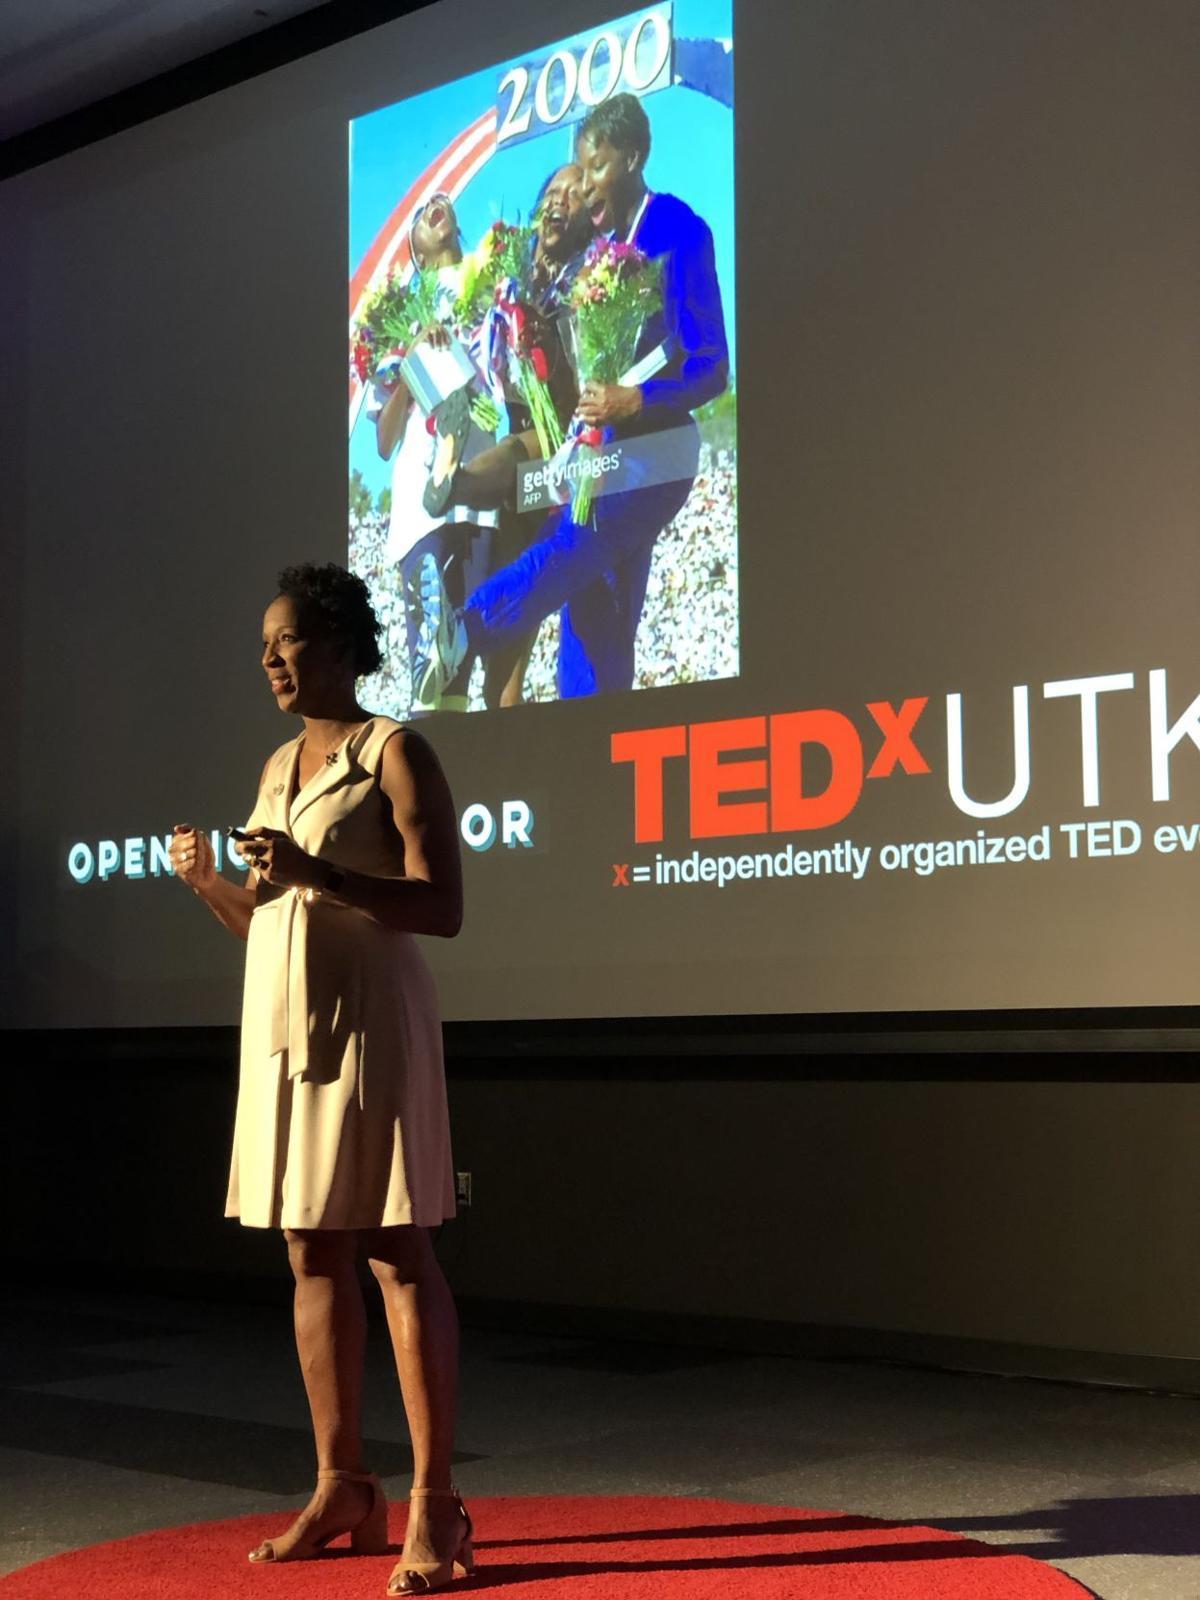 TEDxUTK